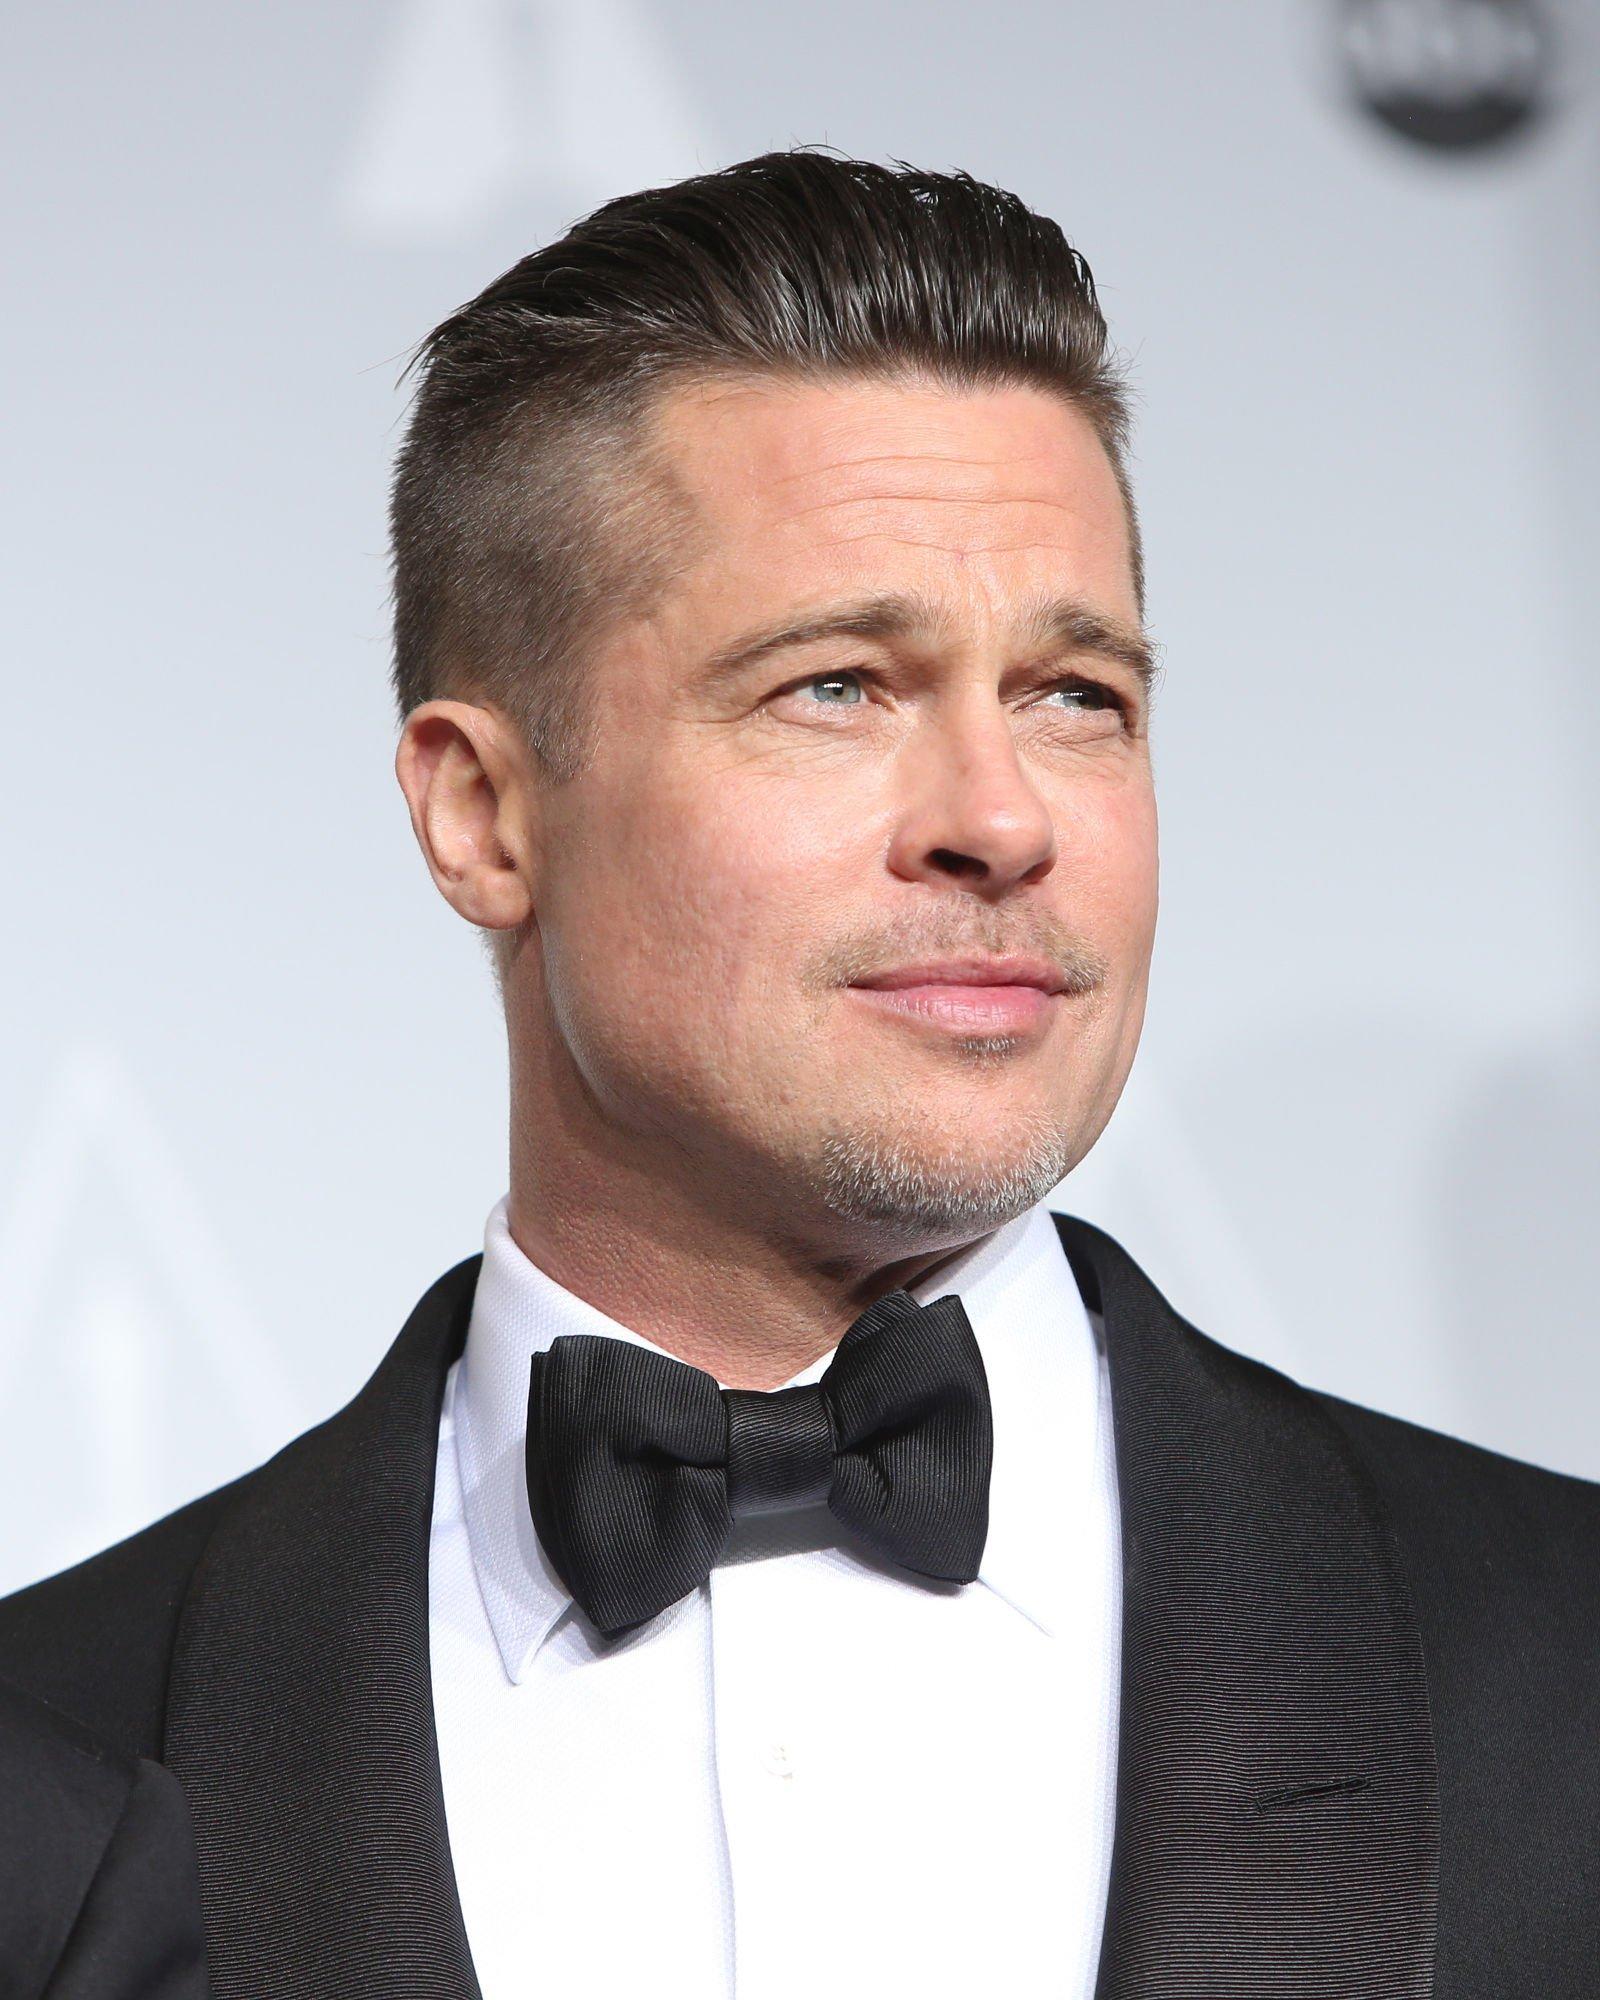 """Der """"Undercut Männer"""" Frisur ist stark geprägt von den """"Hollywood Bad Boys"""""""